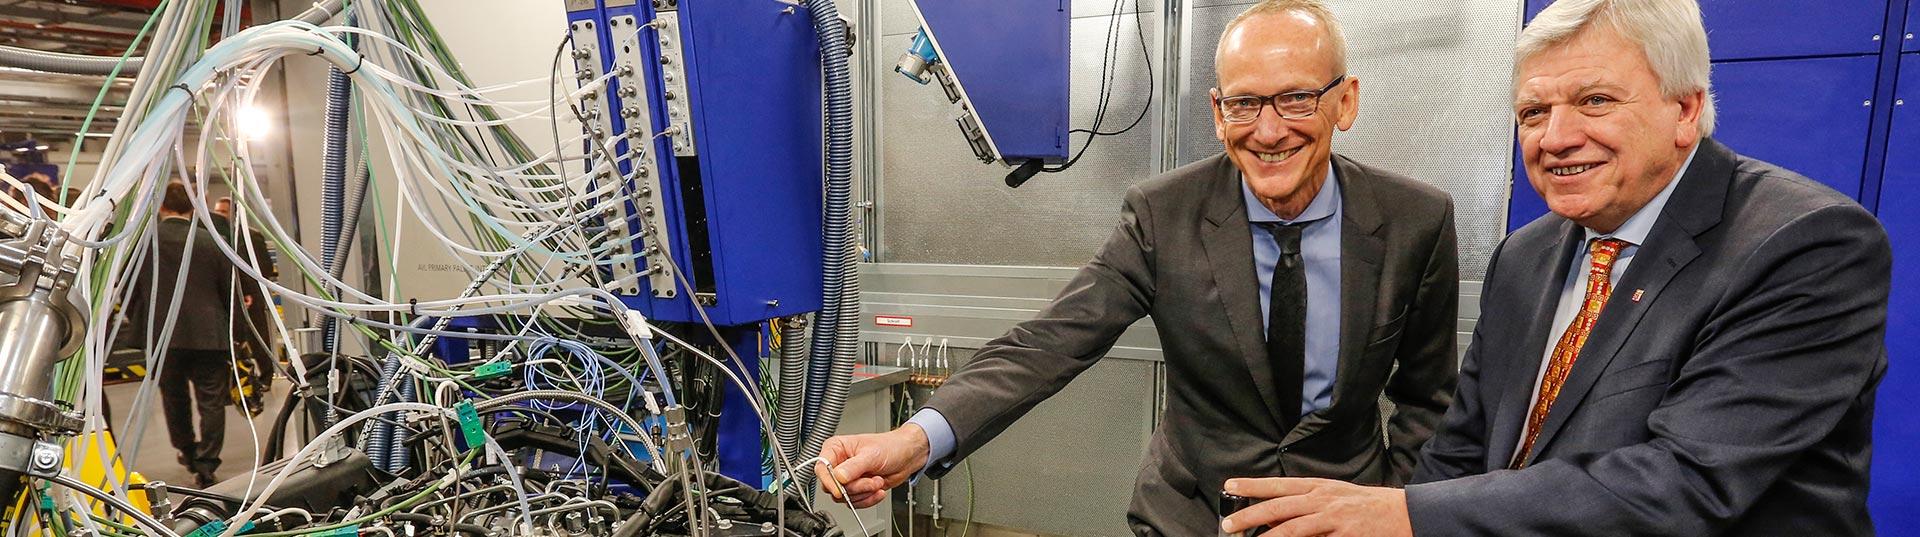 Novo laboratório de sistemas de motorização da Opel